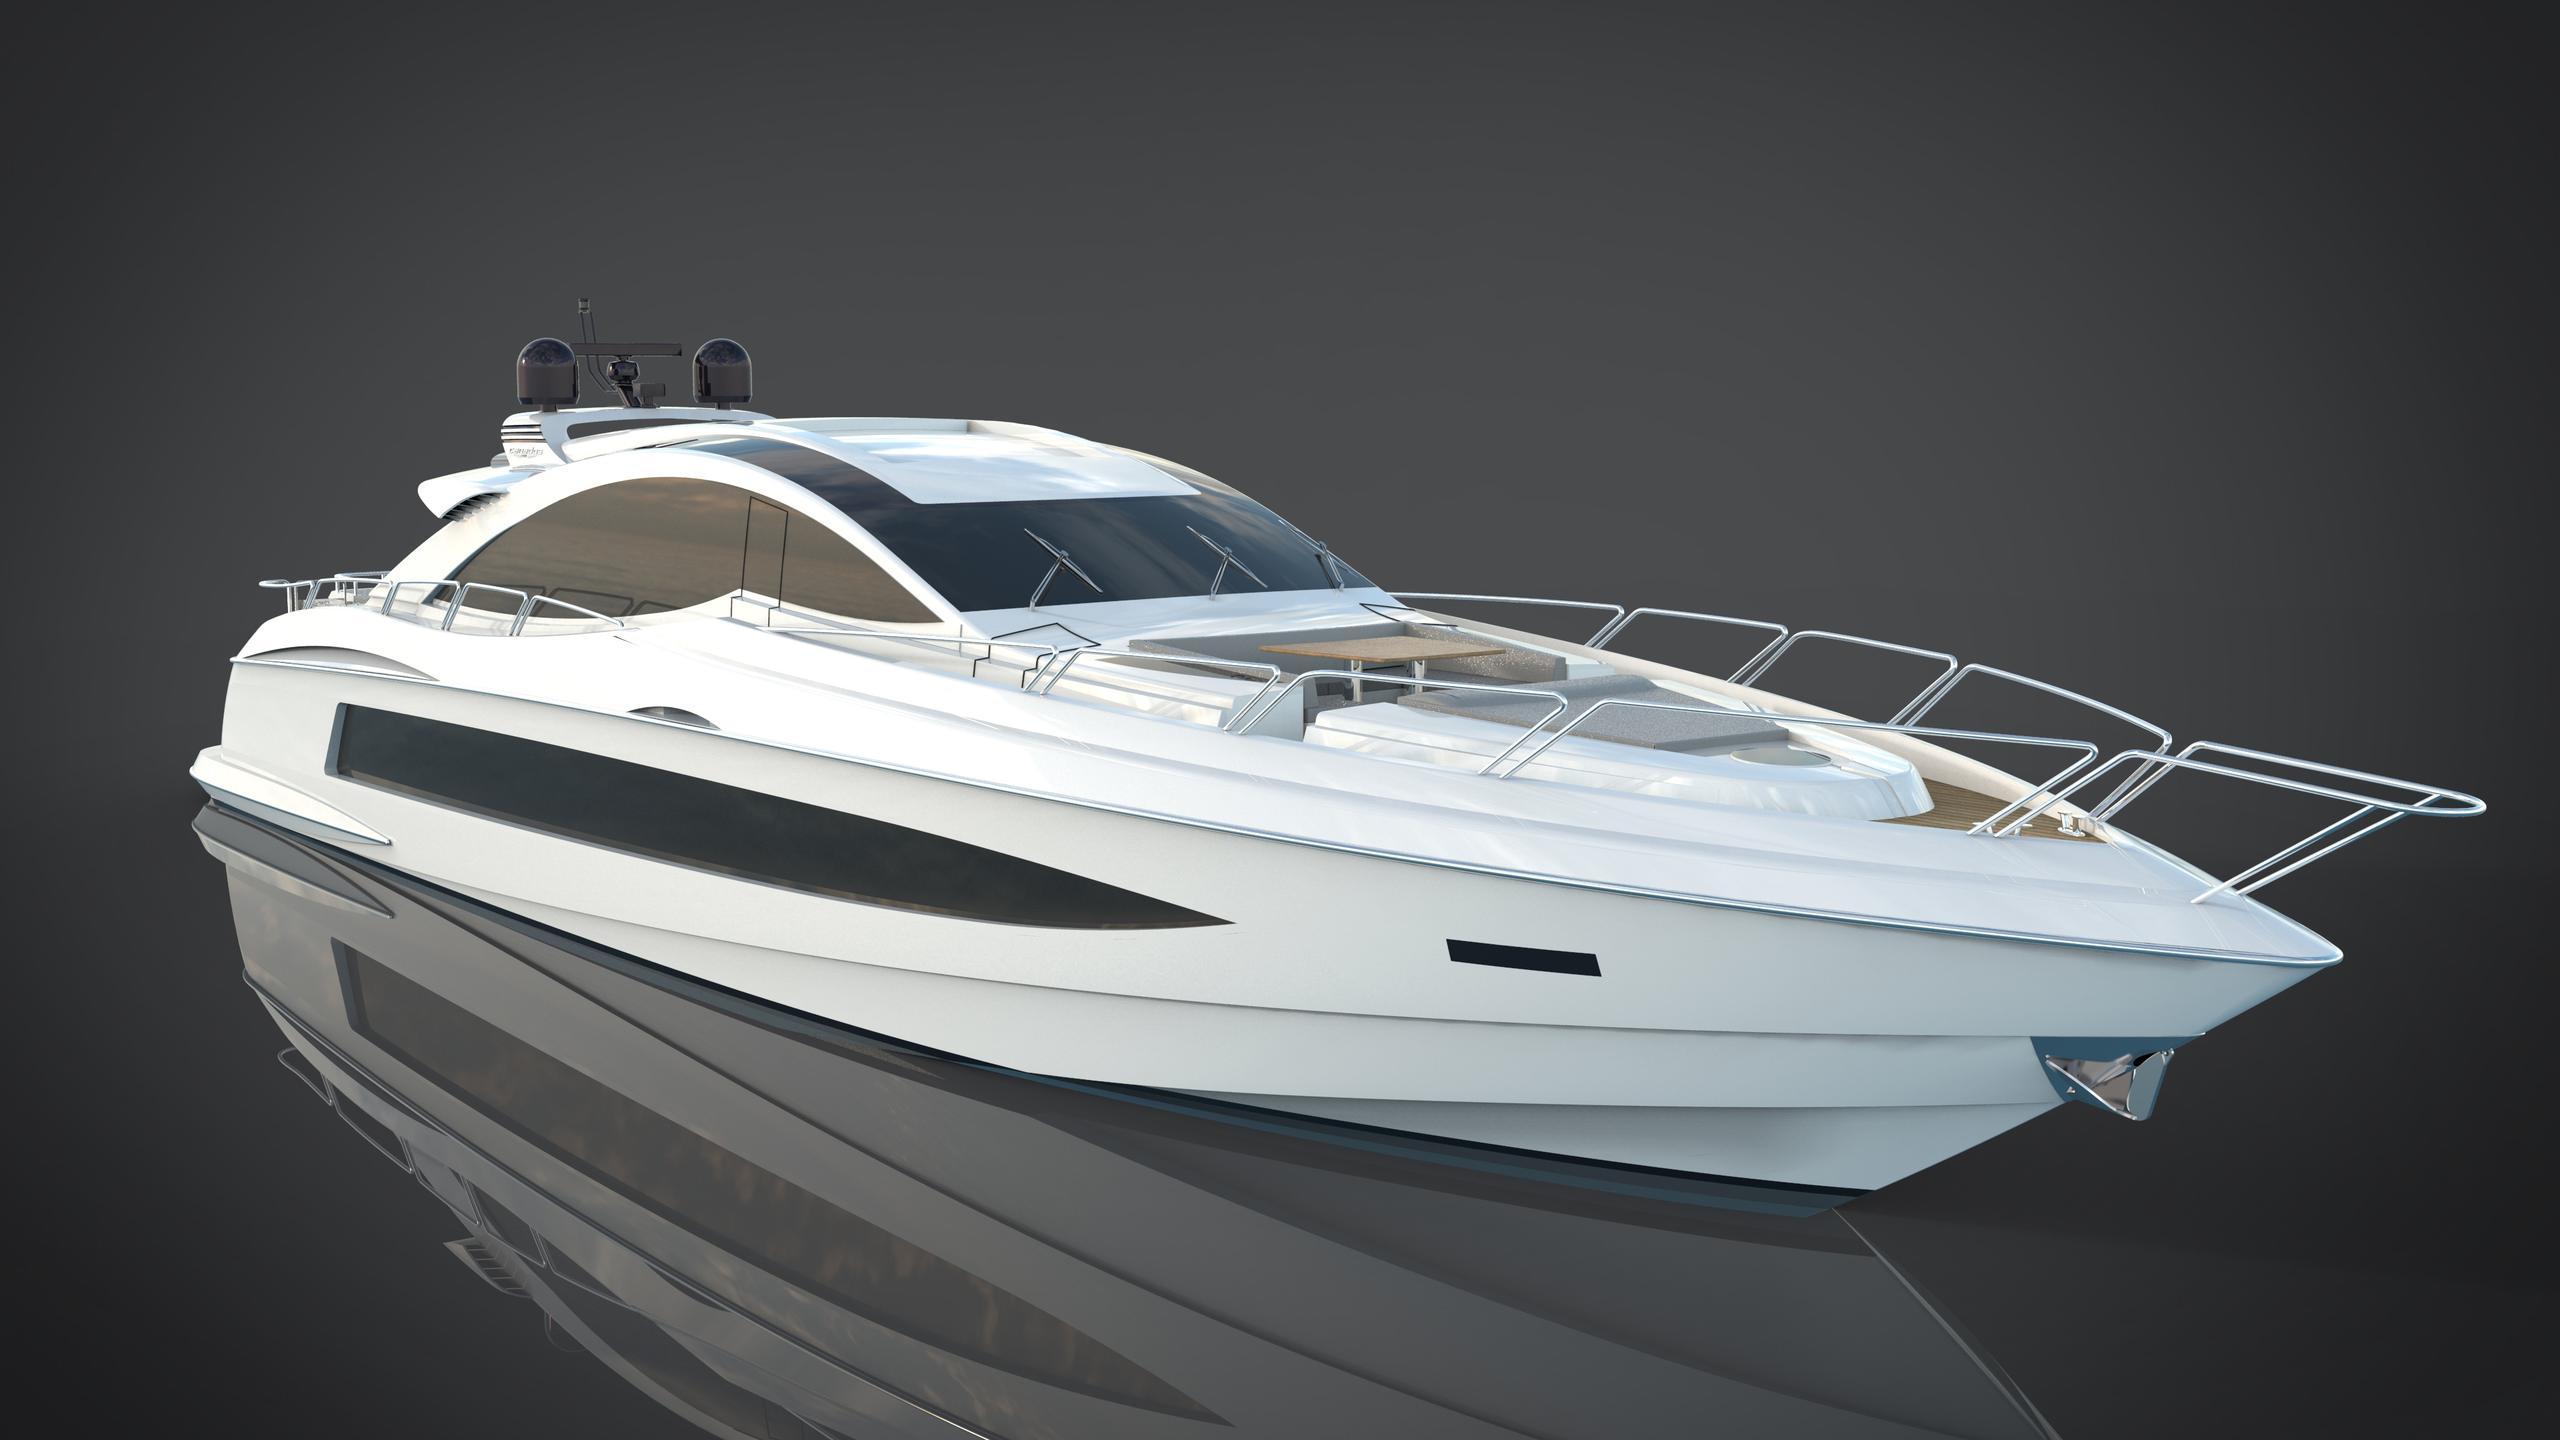 canados-90-gladiator-motoryacht-canados-2017-27m-half-profile-rendering